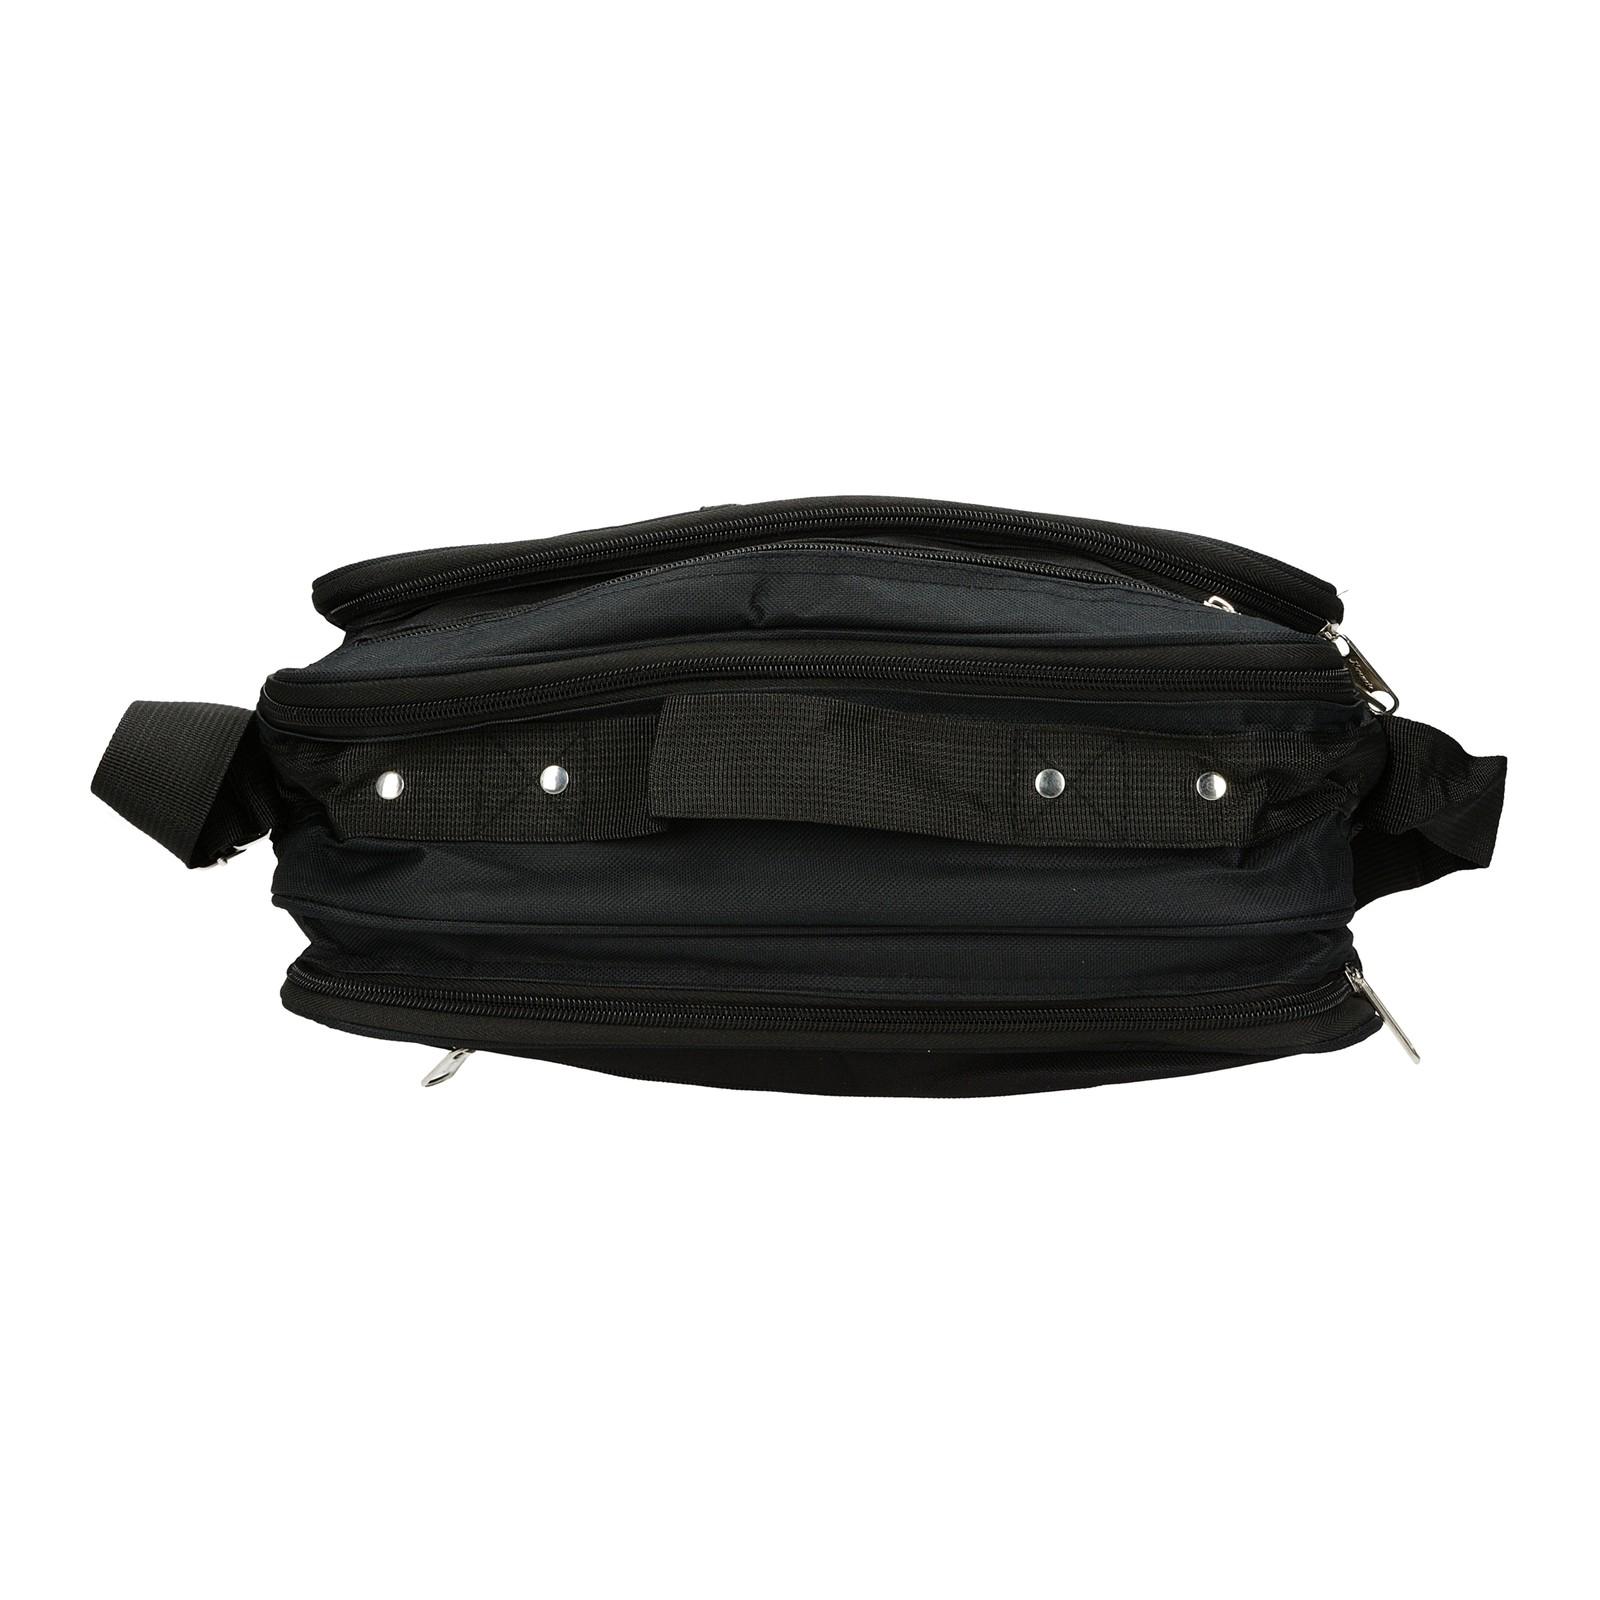 Mercucio pánska textilná laptopová taška - čierna